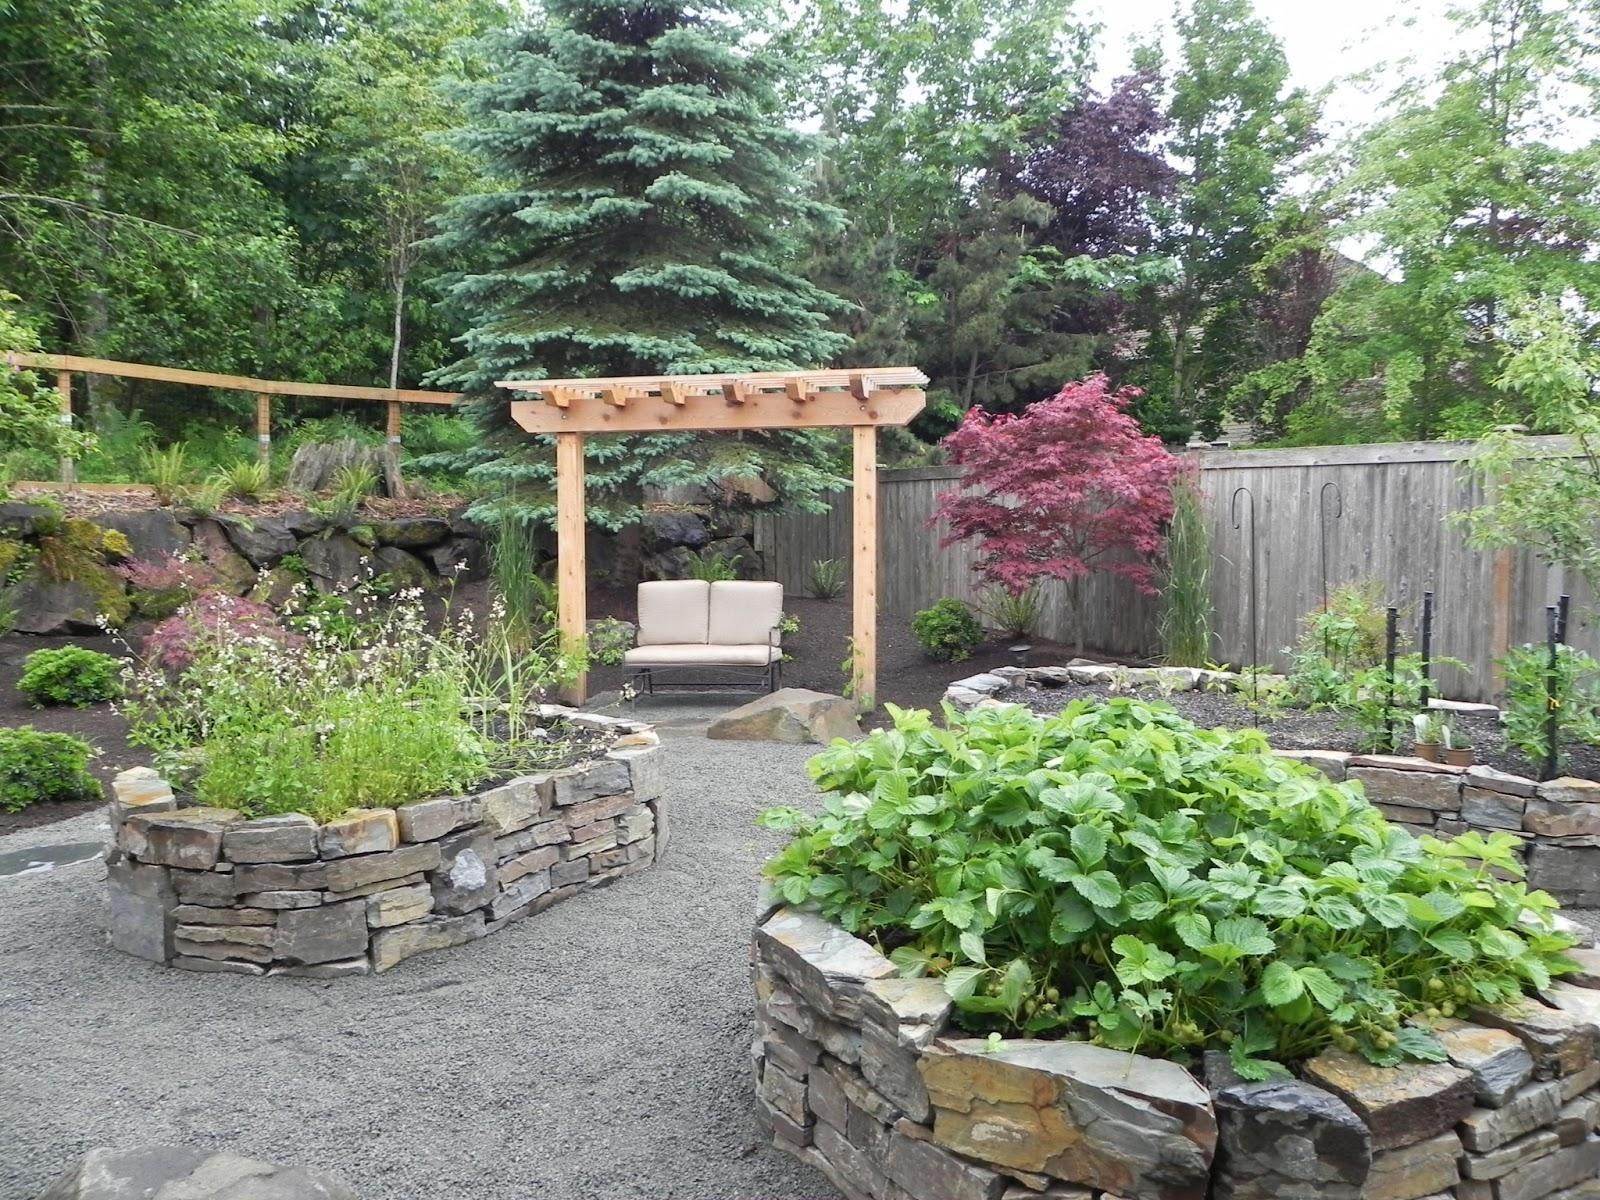 Exceptional Front Yard Vegetable Garden Design | Garden | Pinterest ...